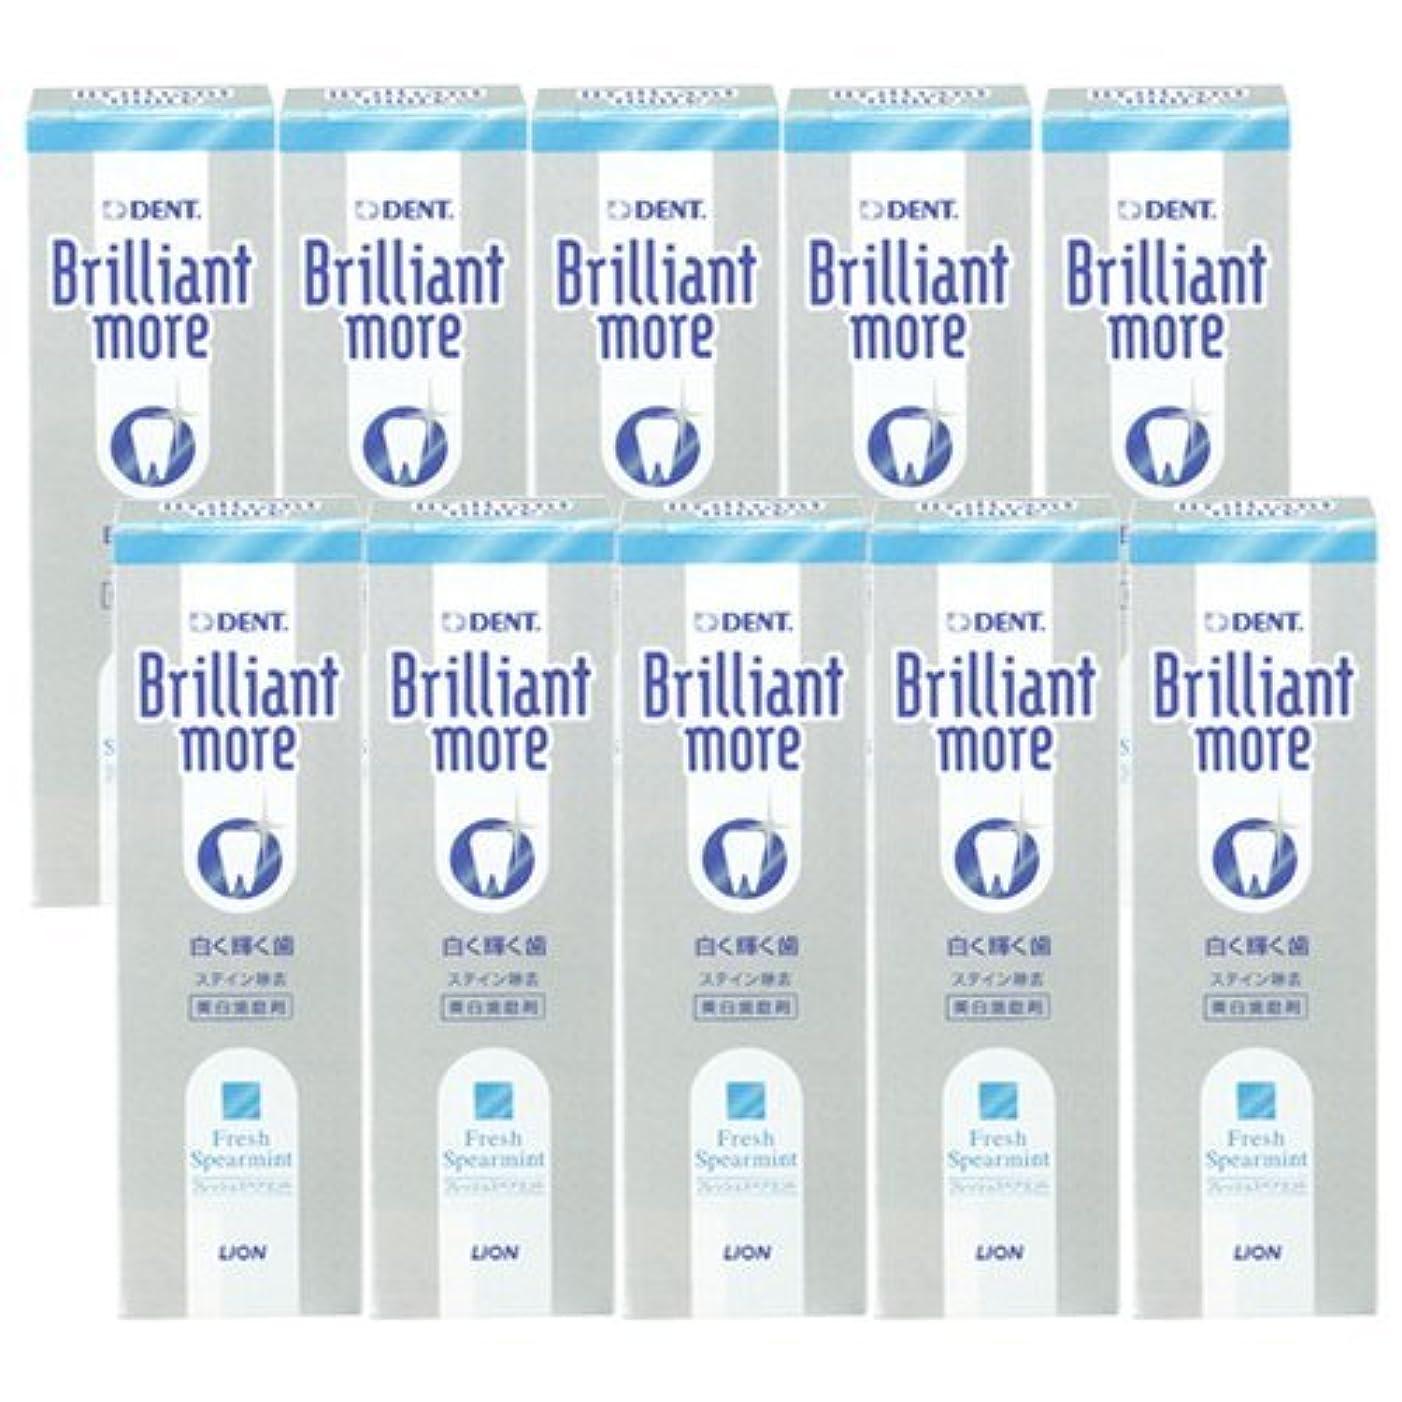 慎重に胚芽ブラジャーライオン ブリリアントモア フレッシュスペアミント 美白歯磨剤 LION Brilliant more 10本セット